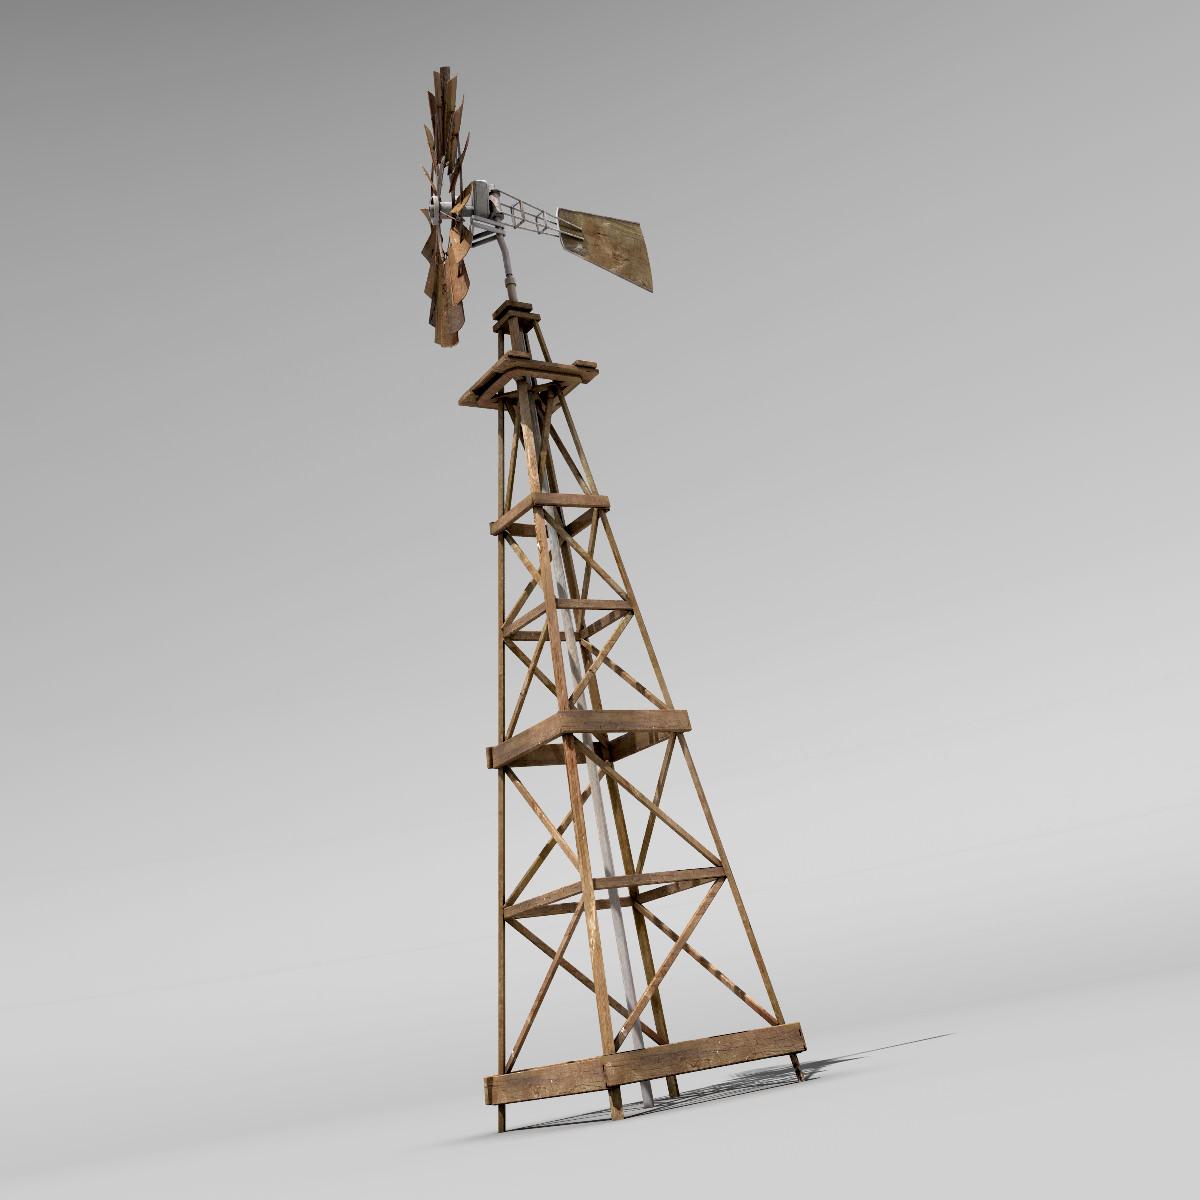 3D model Windmill VR / AR / low-poly MAX OBJ FBX LWO LW